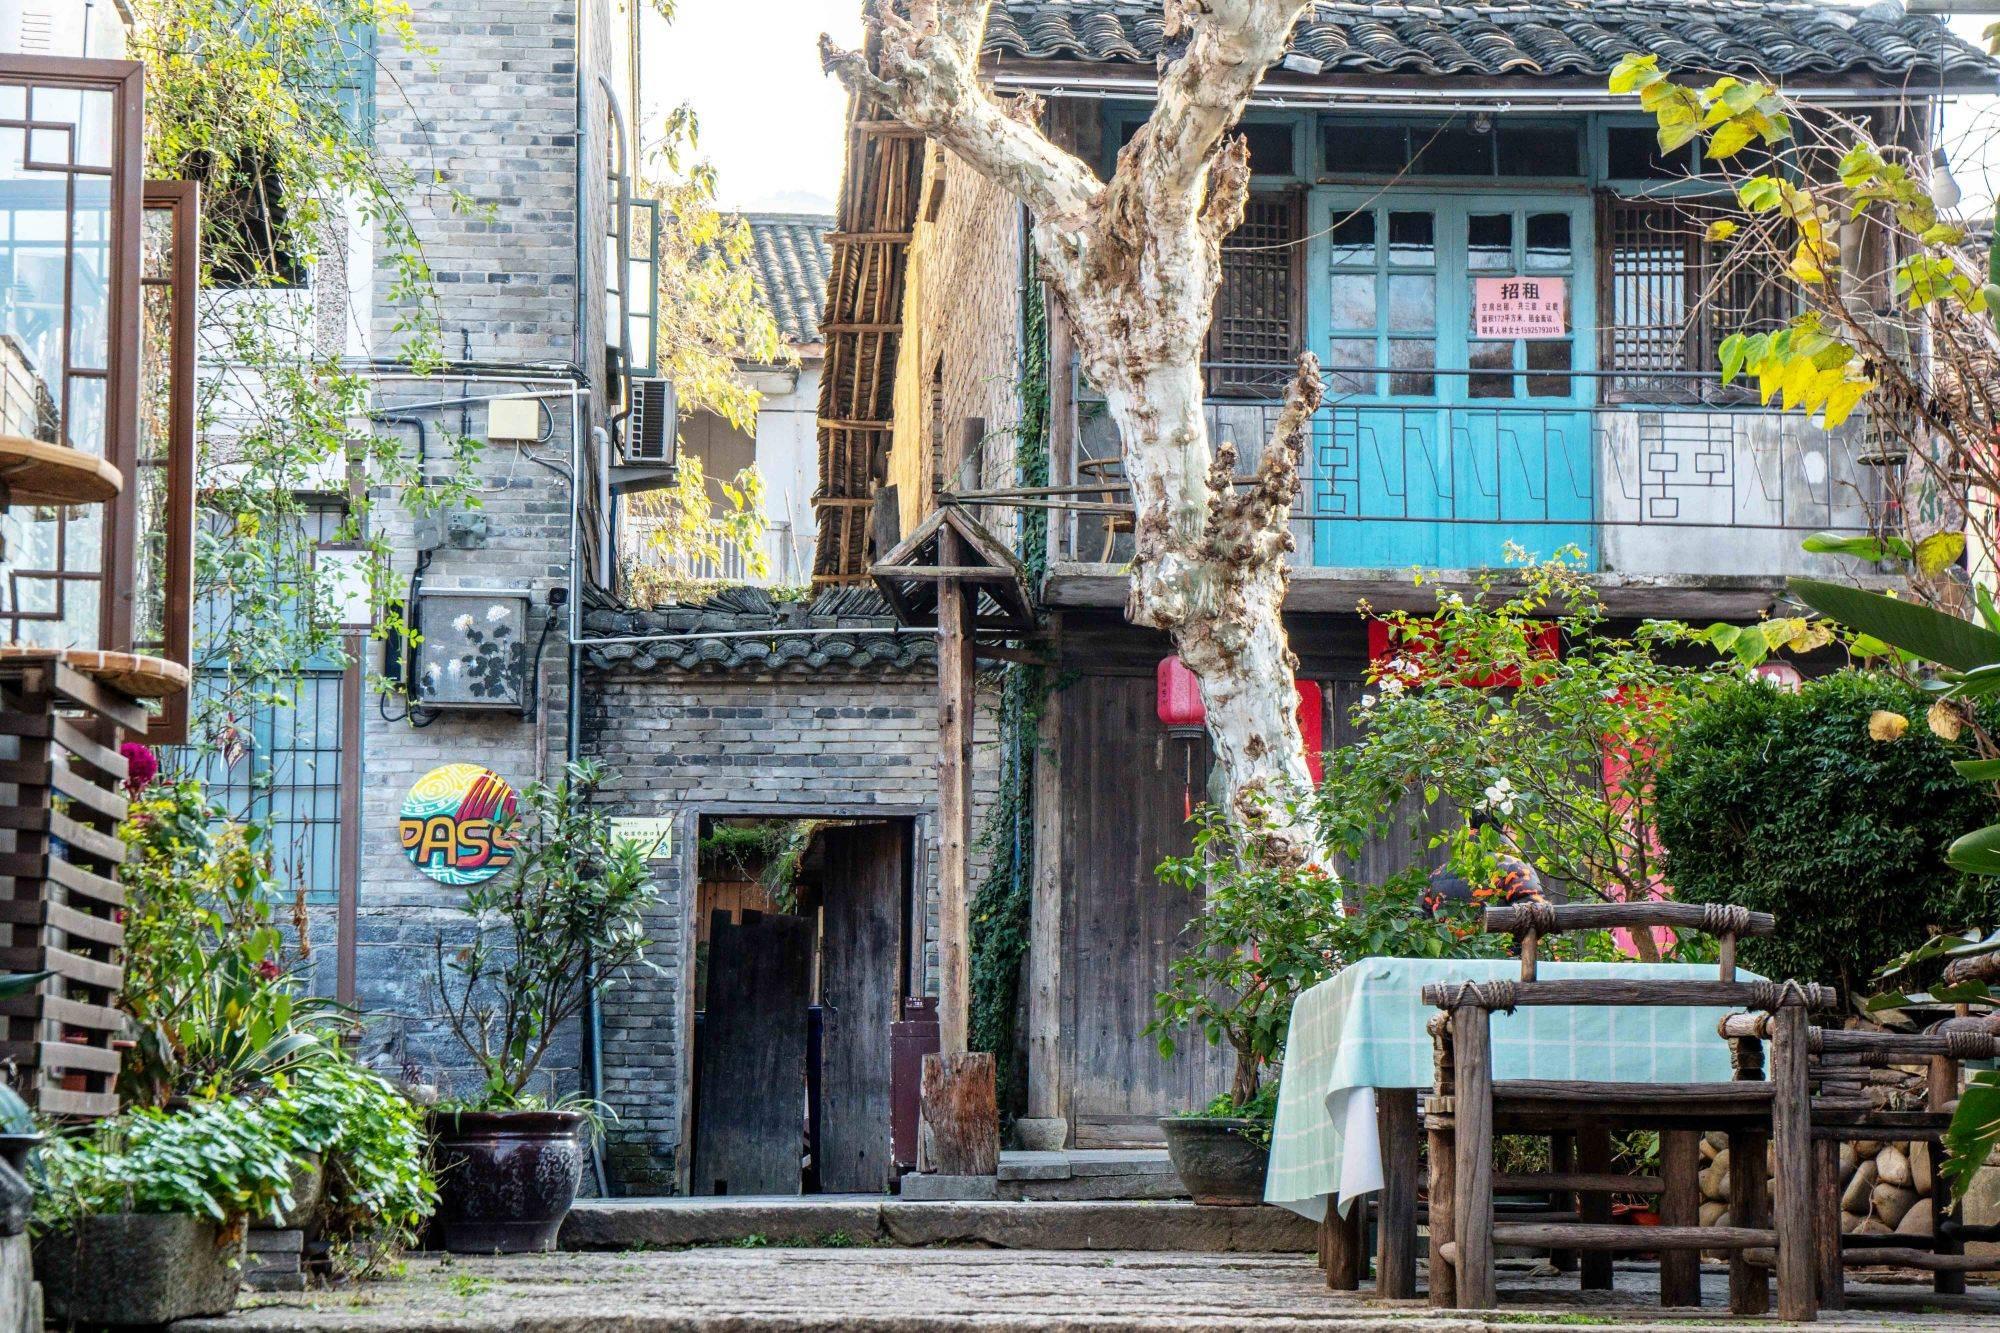 浙江有个艺术气息浓厚的古堰画乡,充满着生态人文之美,你想去吗